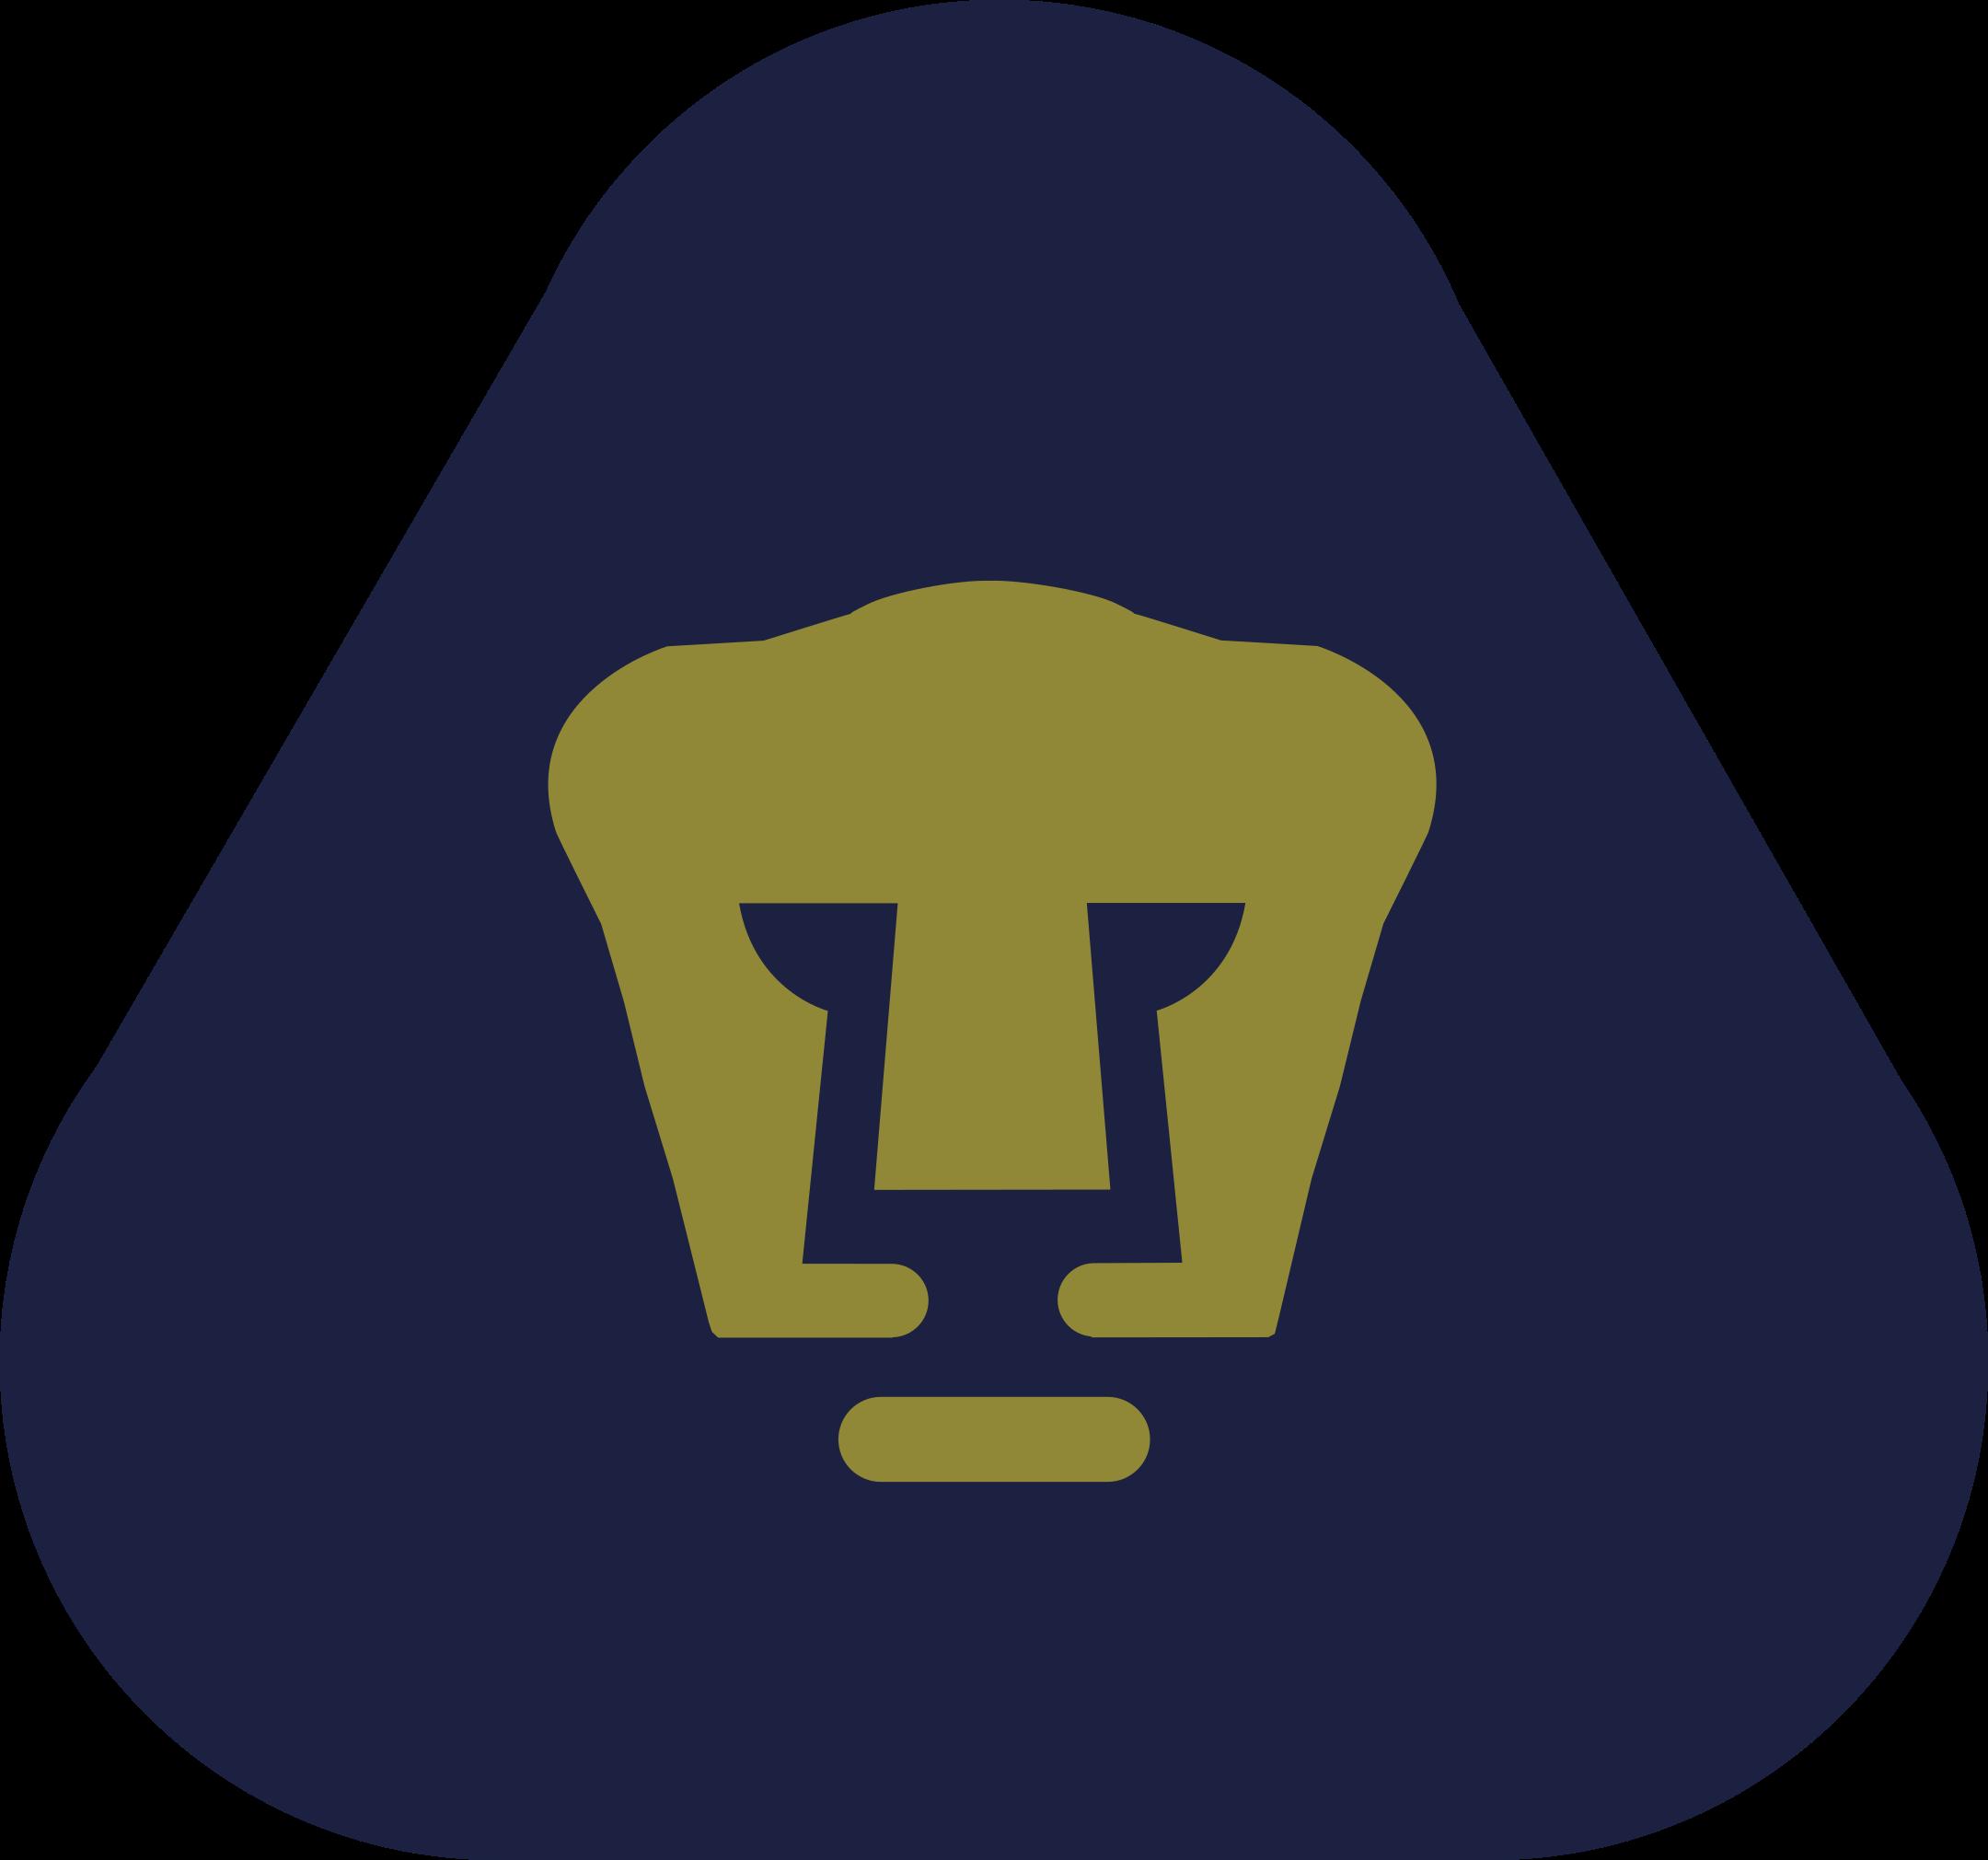 pumas unam logo 1 - Pumas UNAM Logo